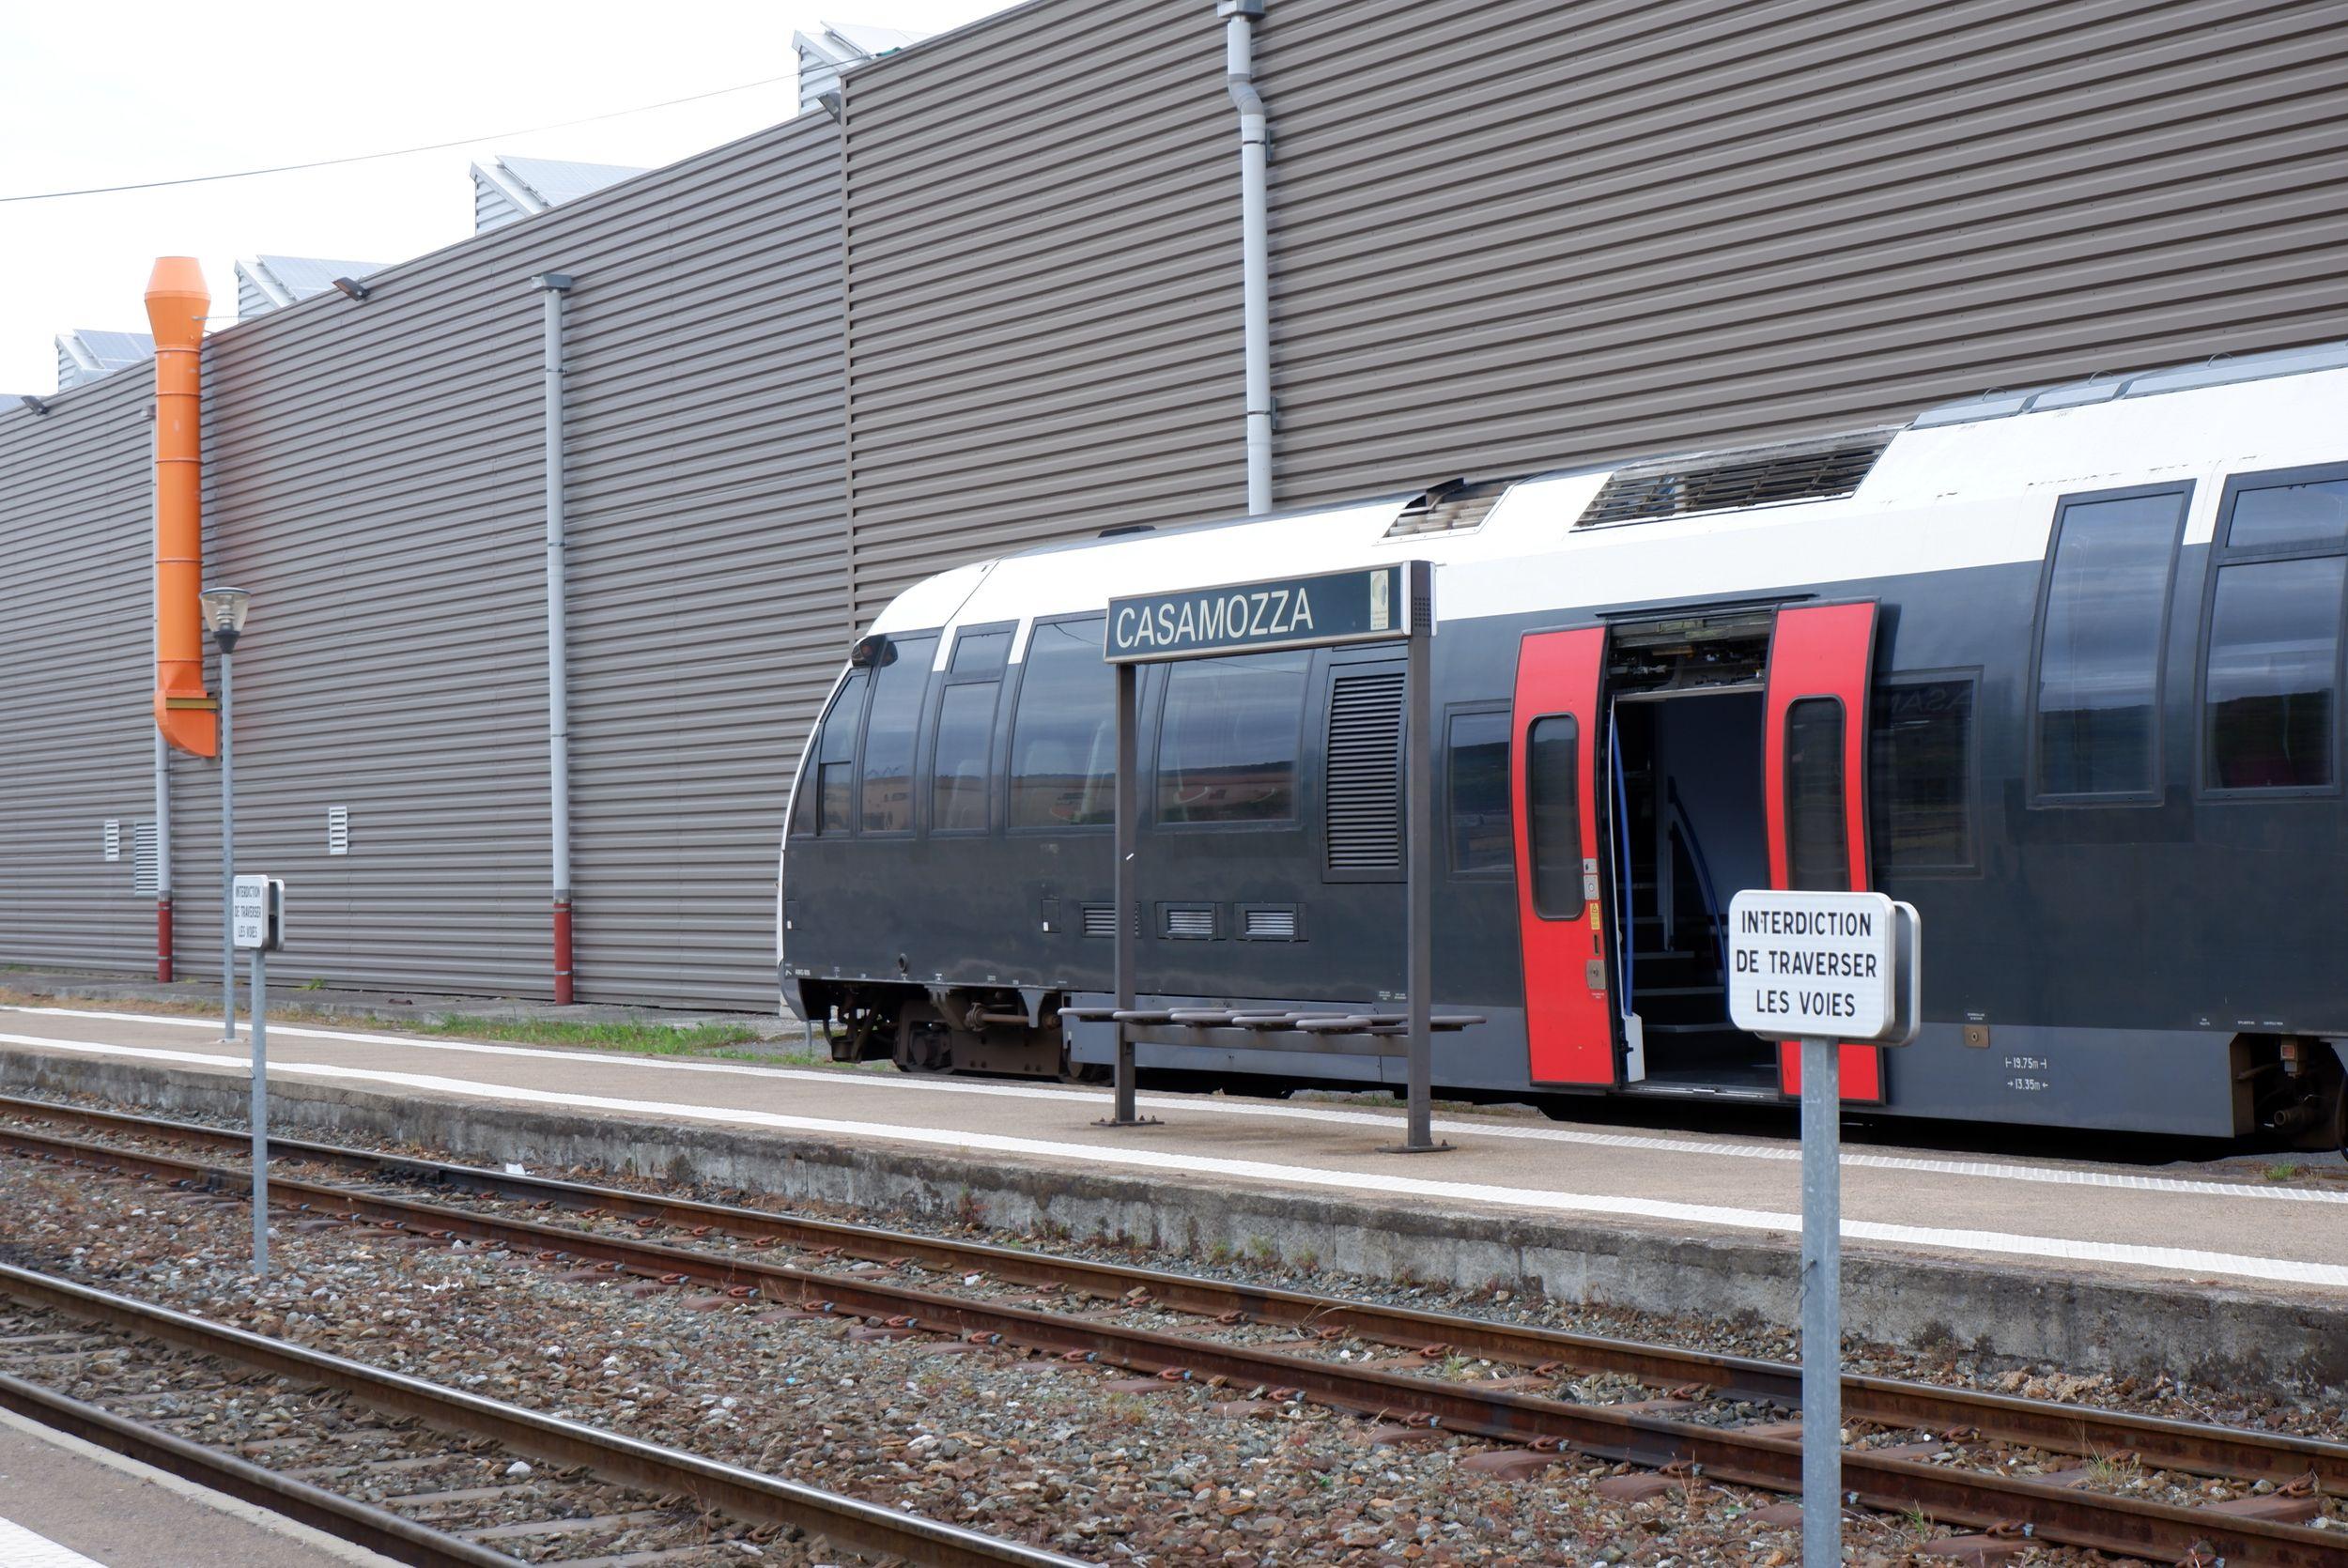 un train à la gare de Casamozza